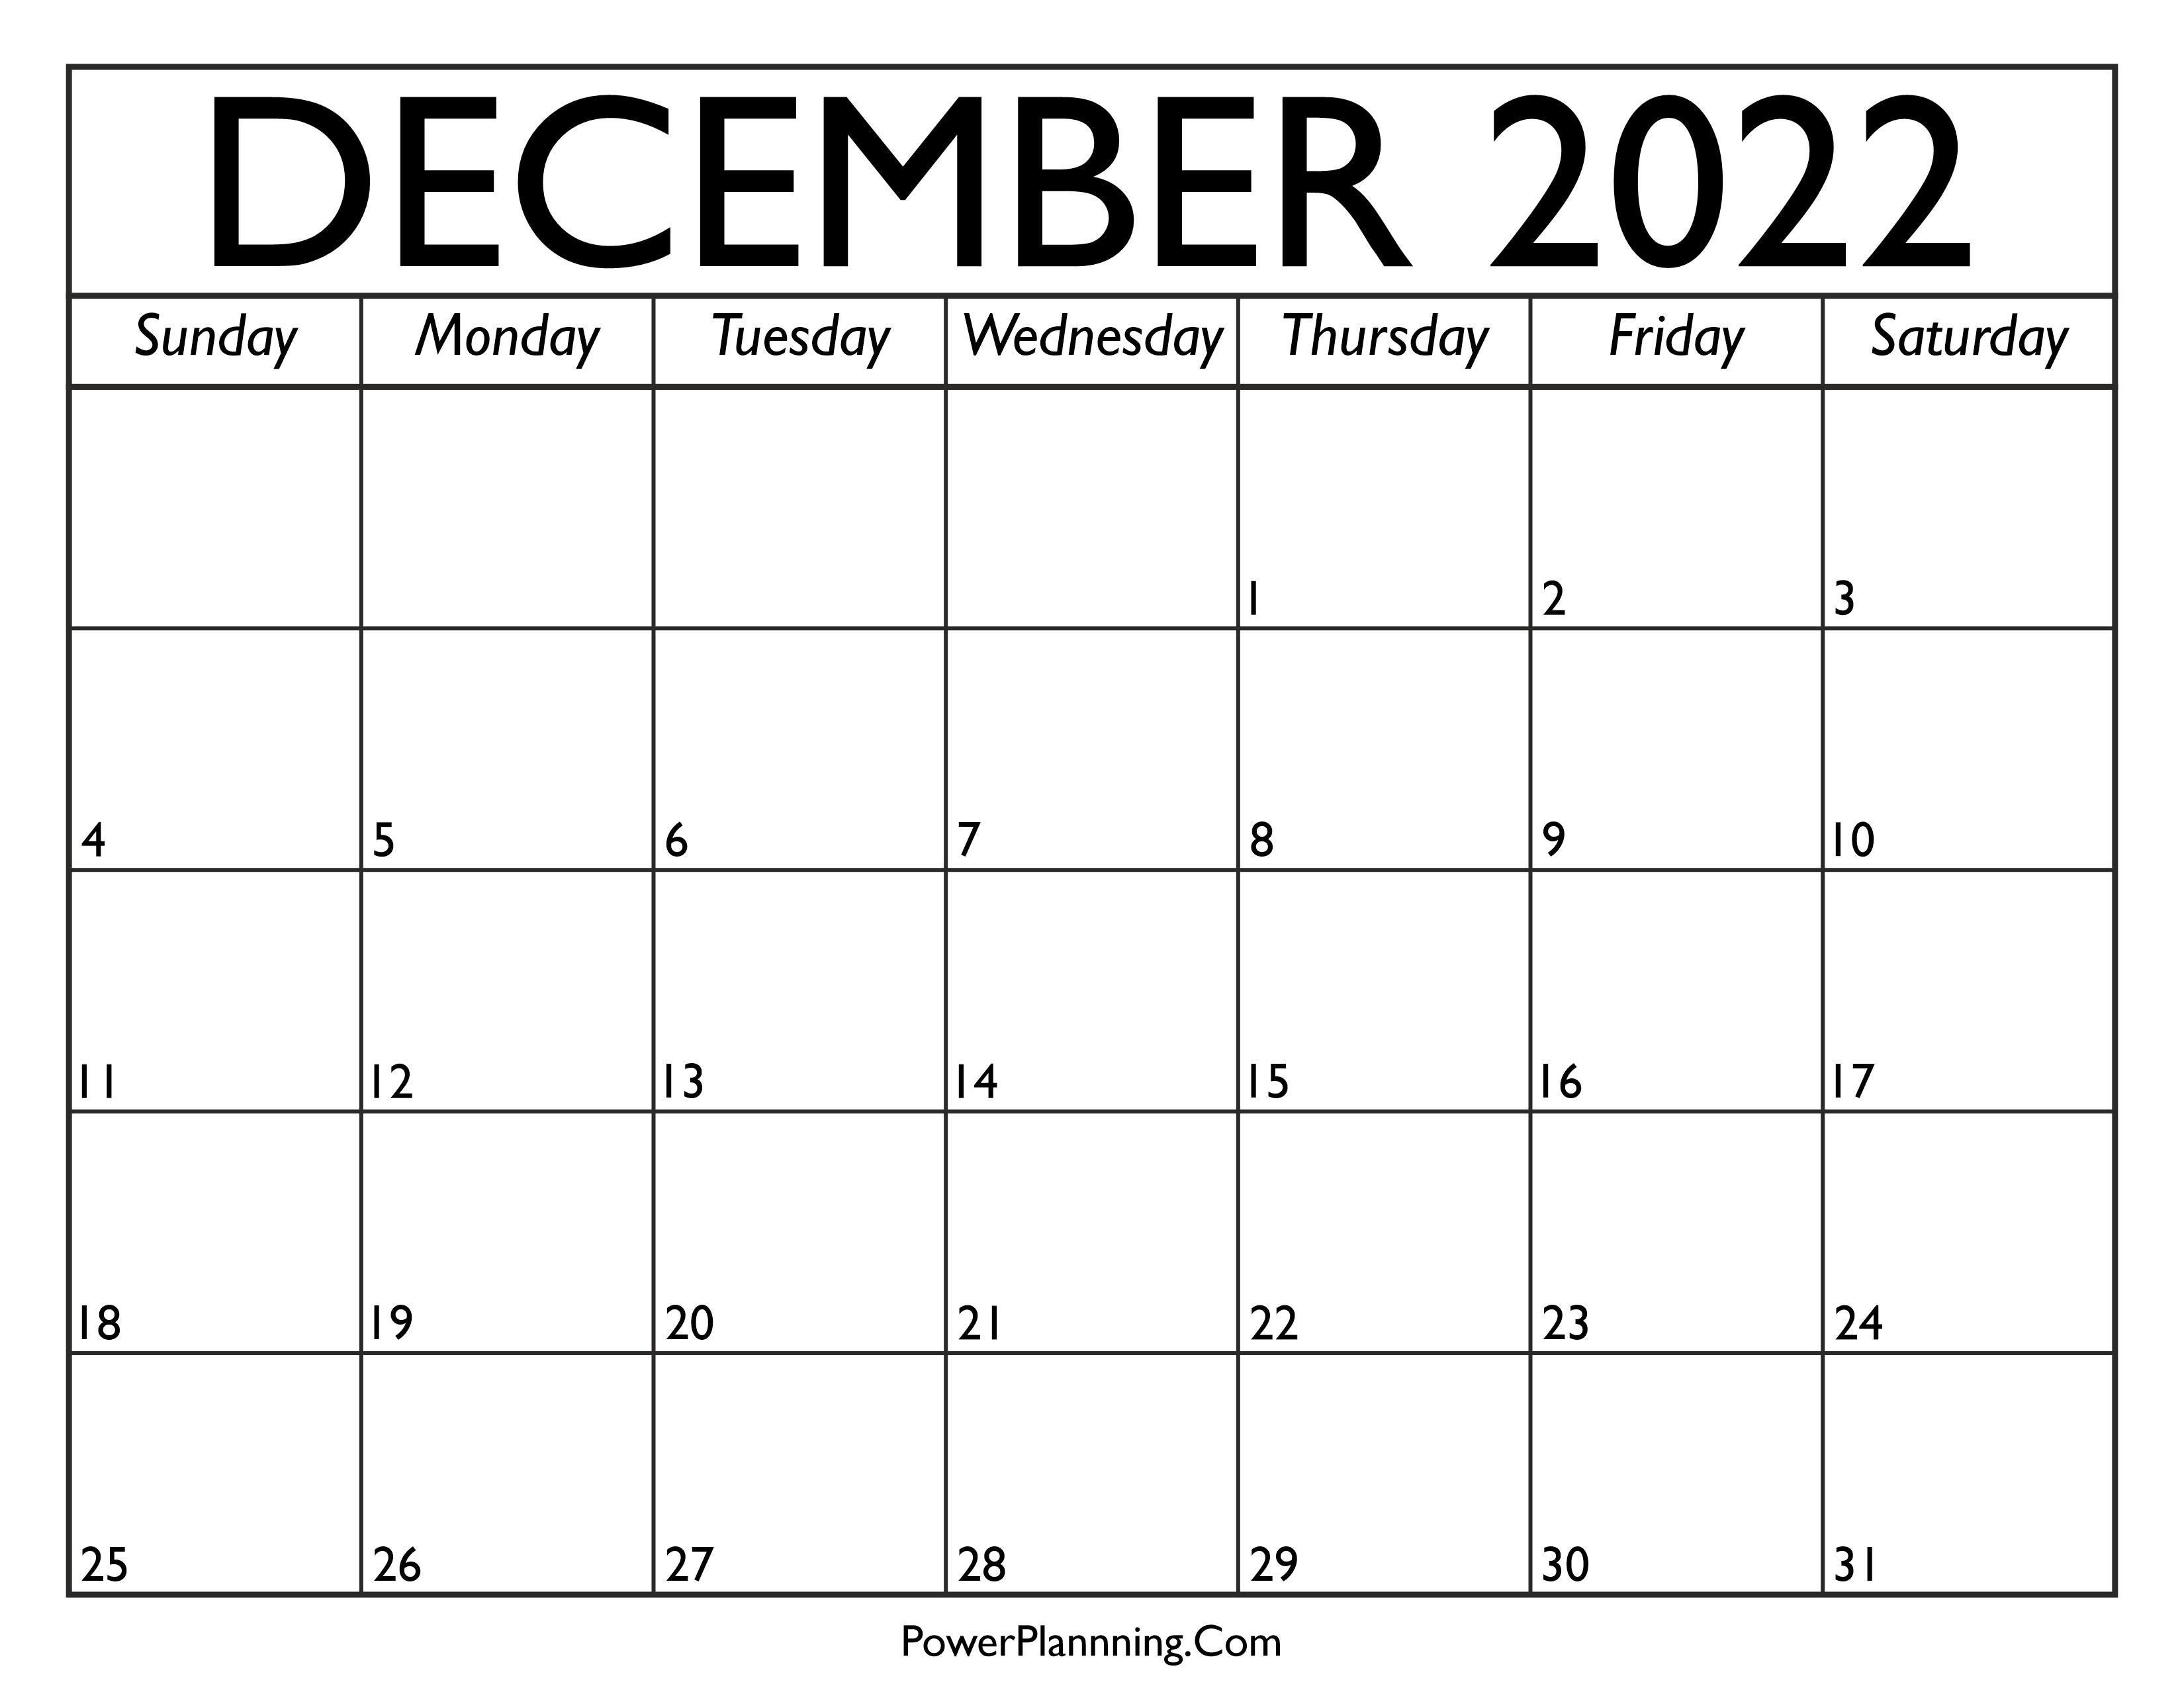 Calendar for December 2022